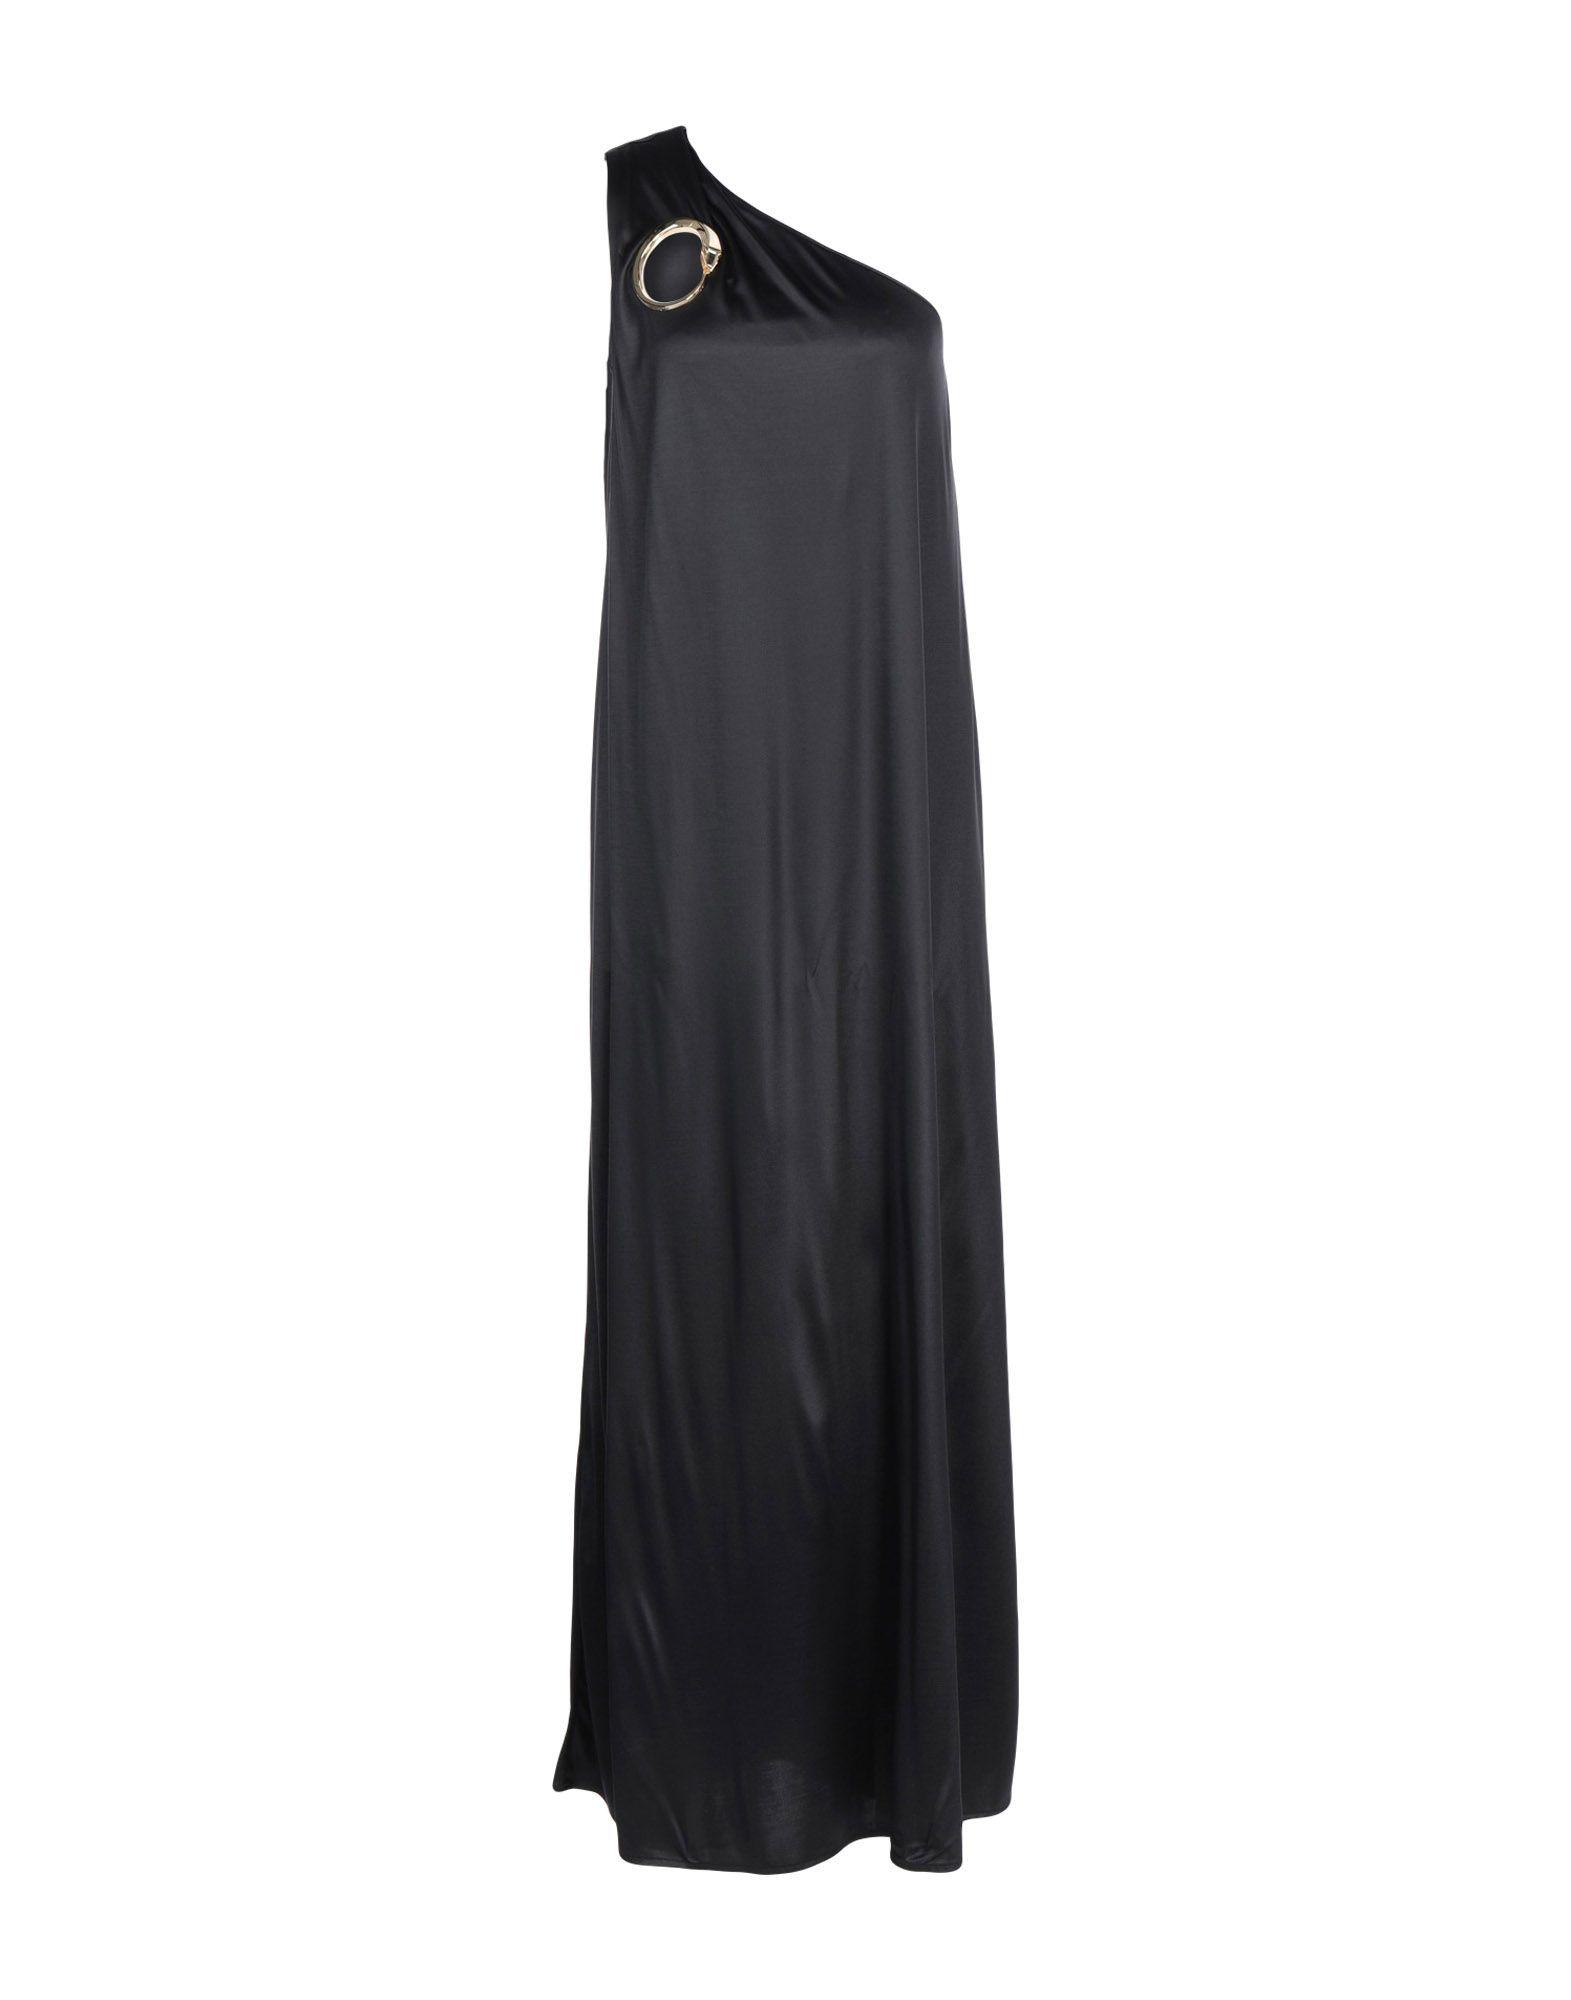 CAVALLI CLASS Длинное платье платье коктейльное из одно плечо